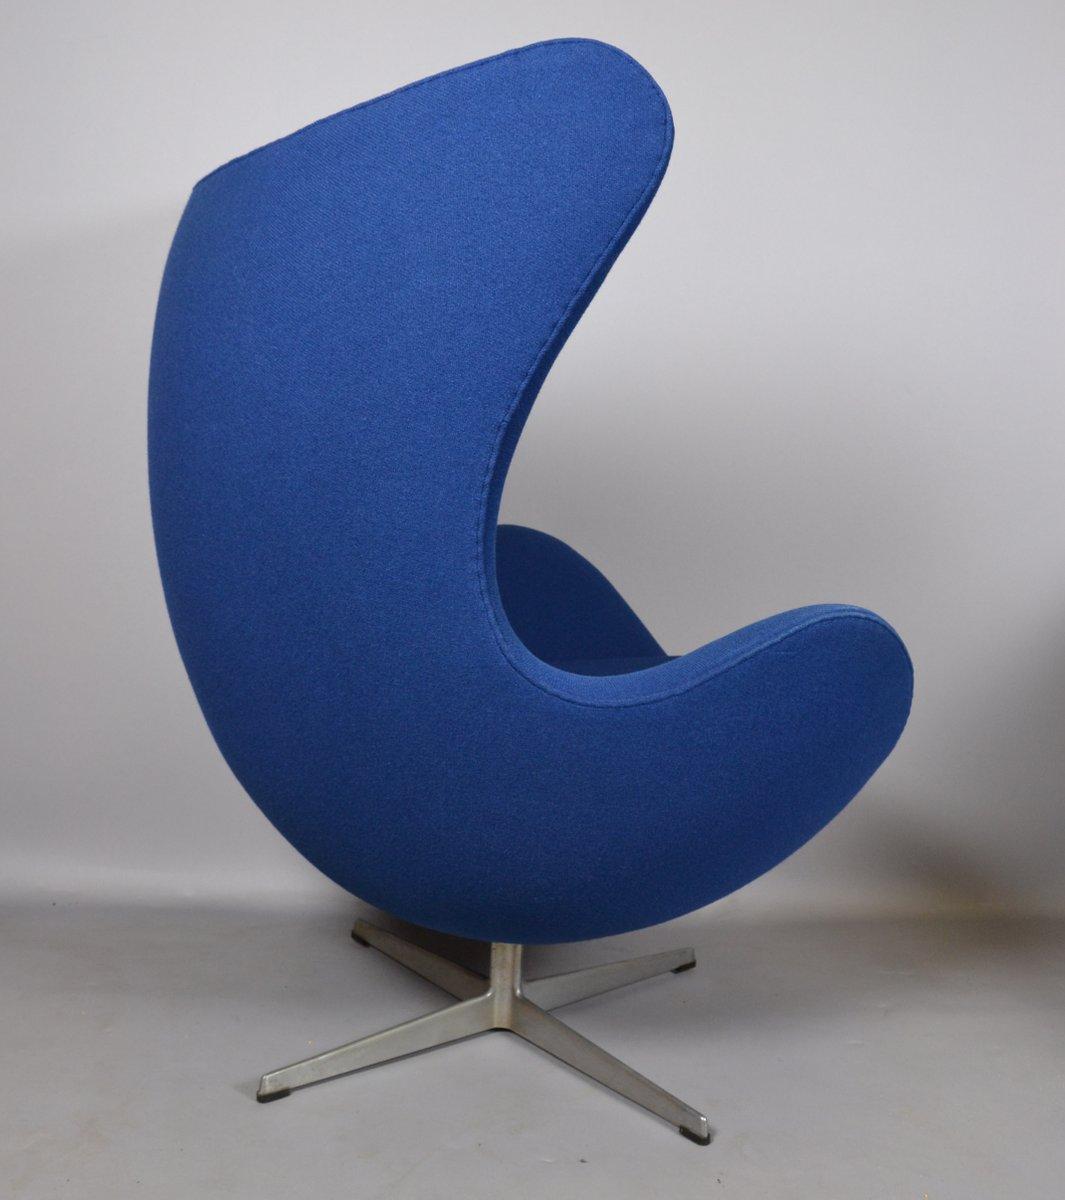 fabrik egg chair von arne jacobsen f r fritz hansen 1970er bei pamono kaufen. Black Bedroom Furniture Sets. Home Design Ideas